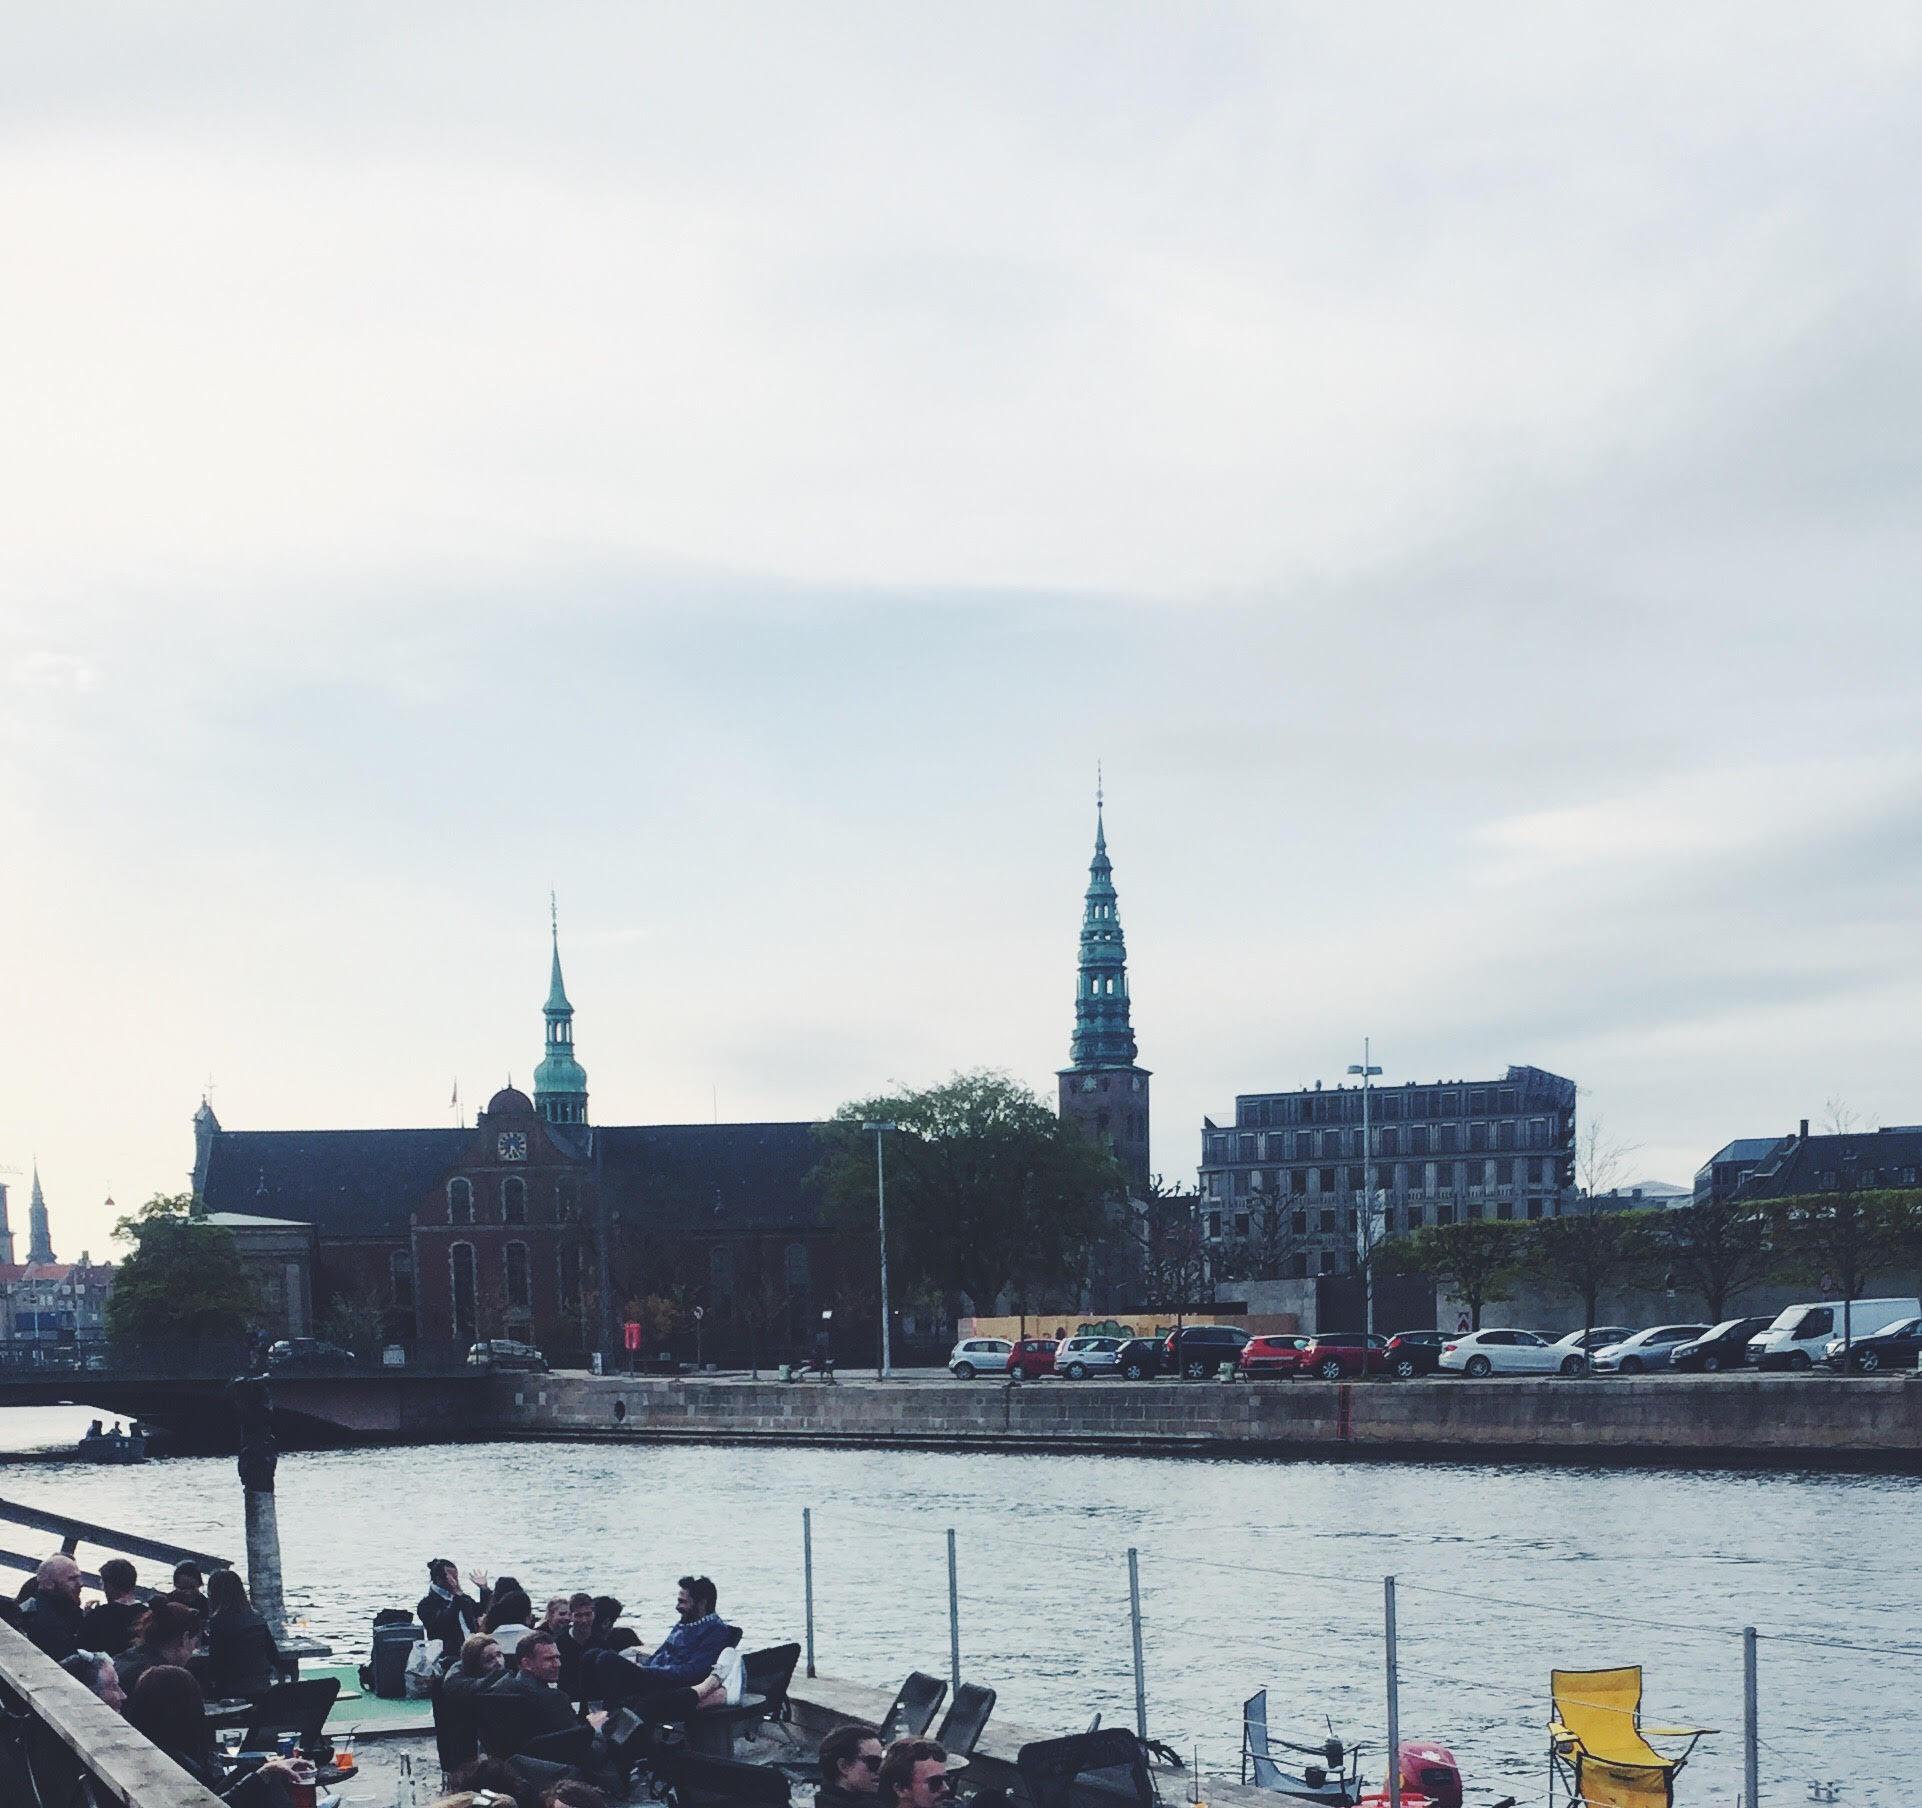 kayak bar. Sommerstemning i København. Fed bar og café uden for ved vandet